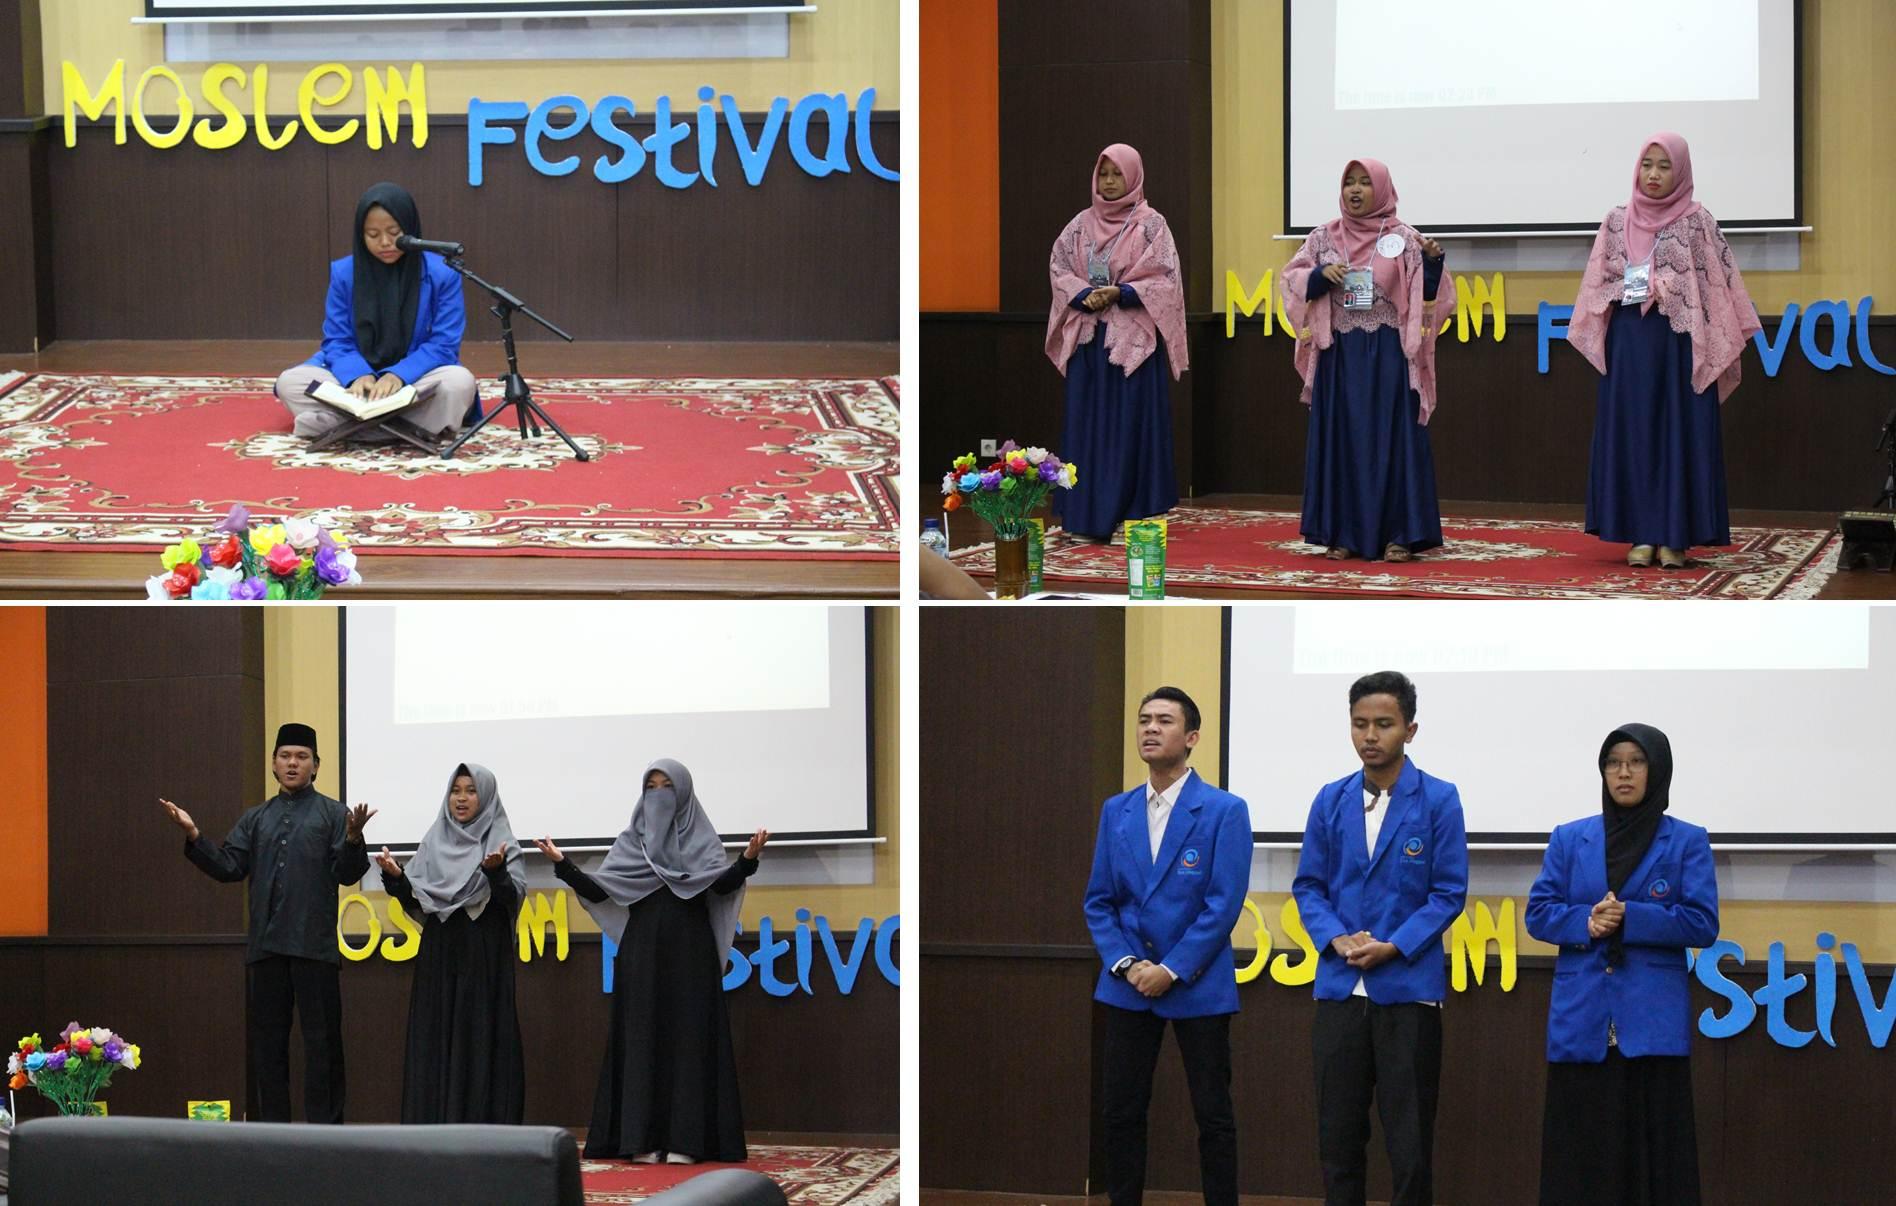 Perlombaan di Moslem Festival